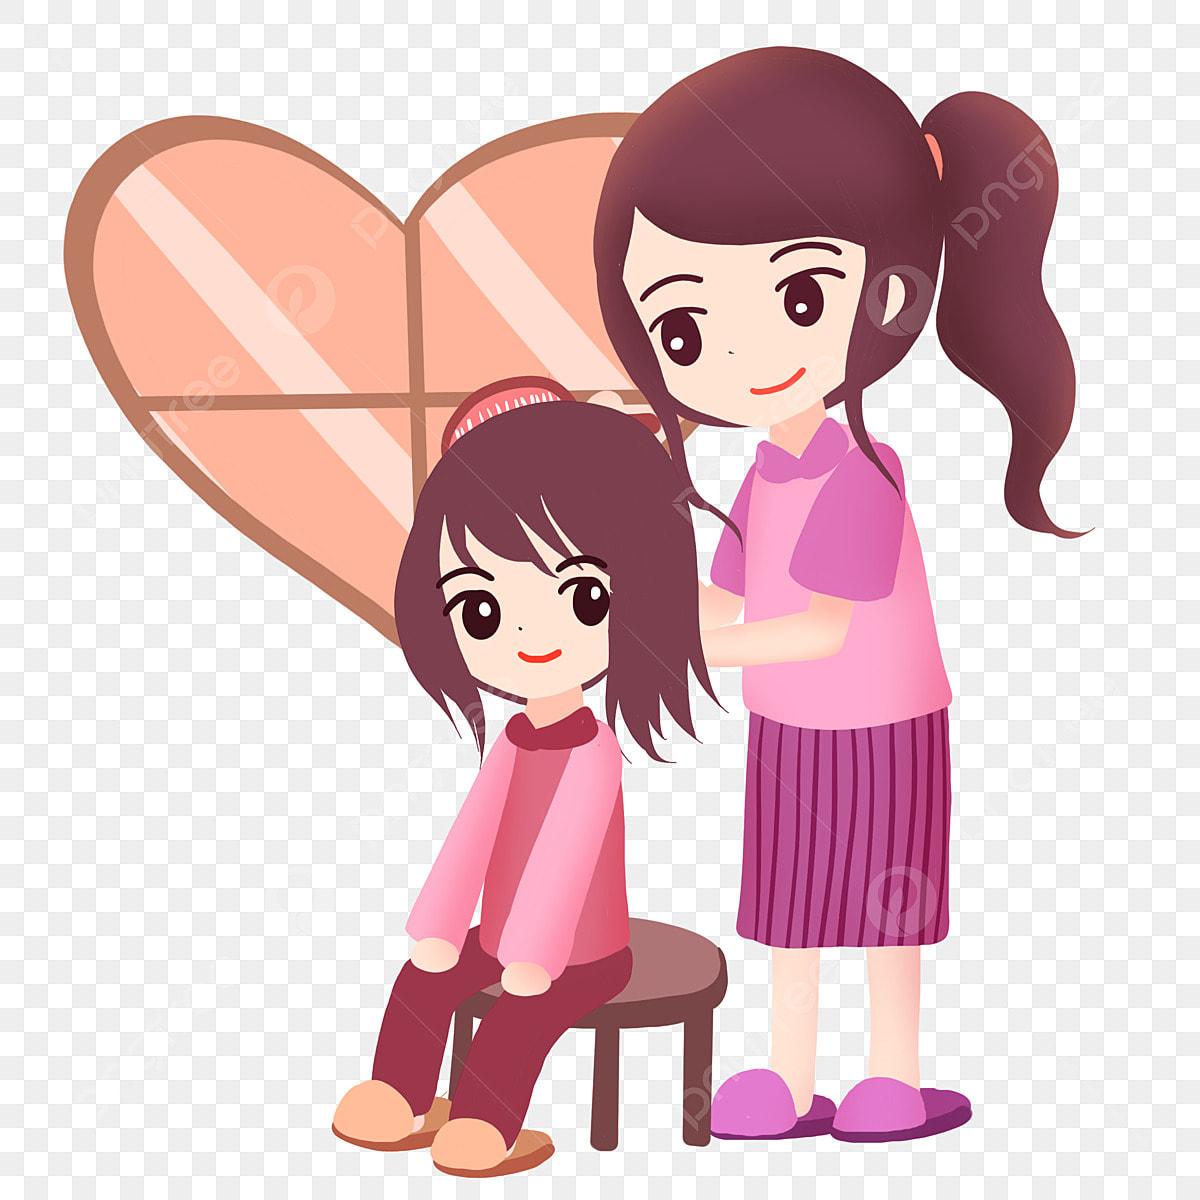 Gambar Ibu Yang Baik Cinta Anak Perempuan Menyikat Rambut Penyayang Anak Cinta Ibu Png Dan Psd Untuk Muat Turun Percuma